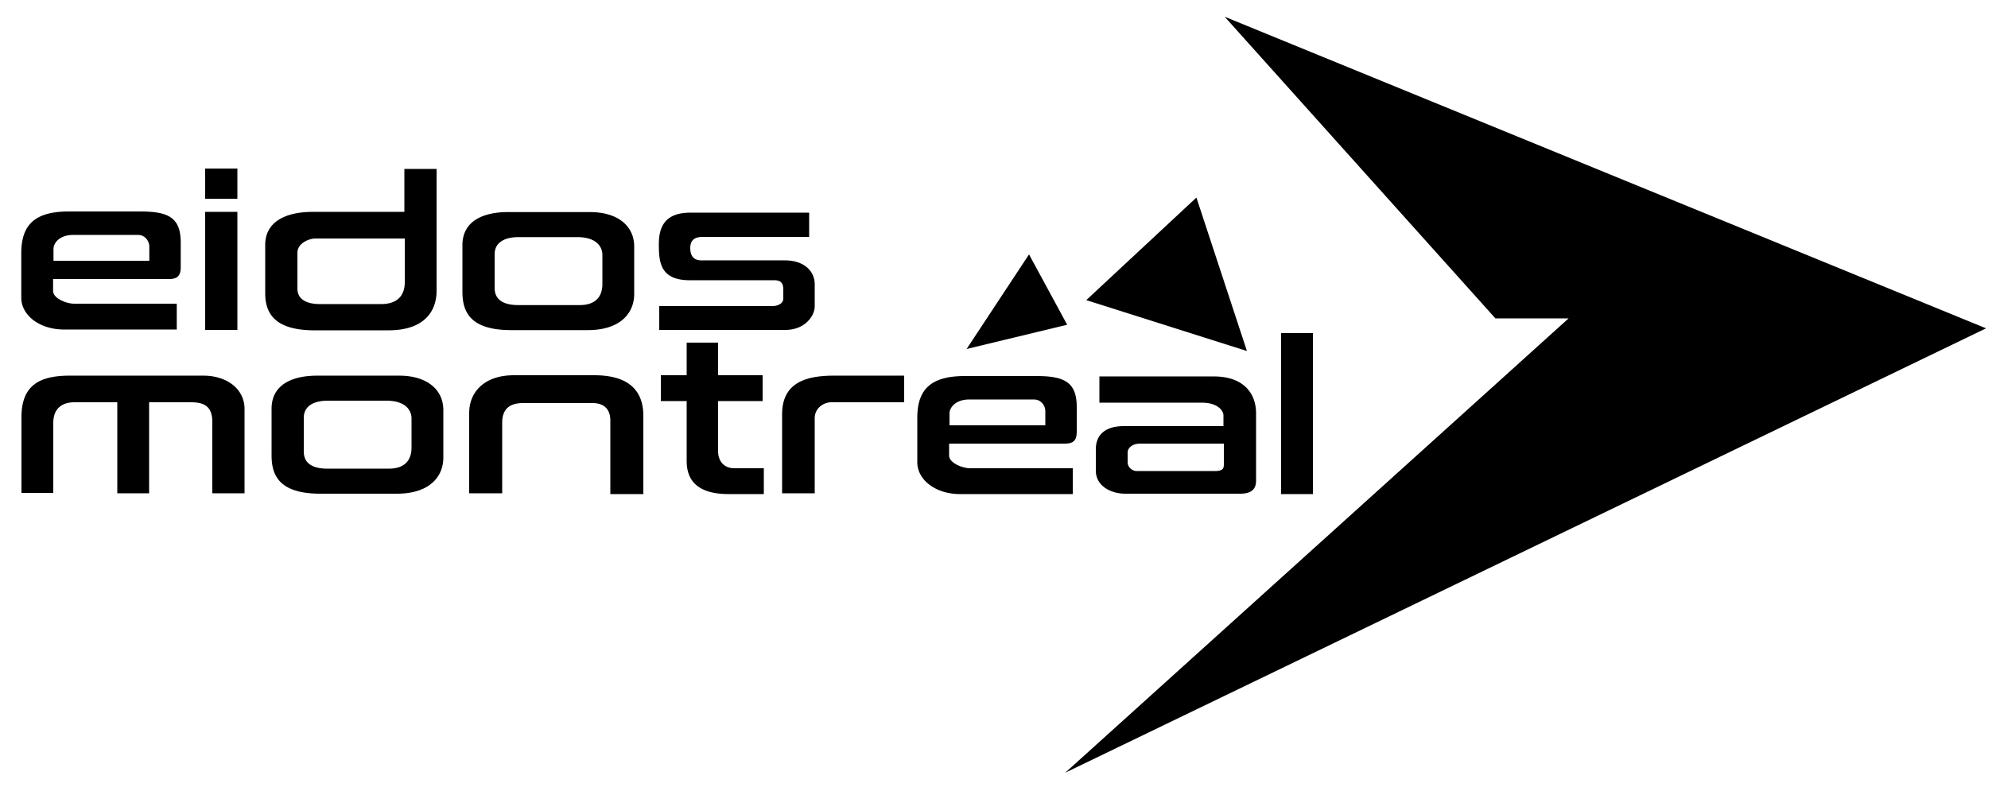 Eidos_Montréal_2017_logo